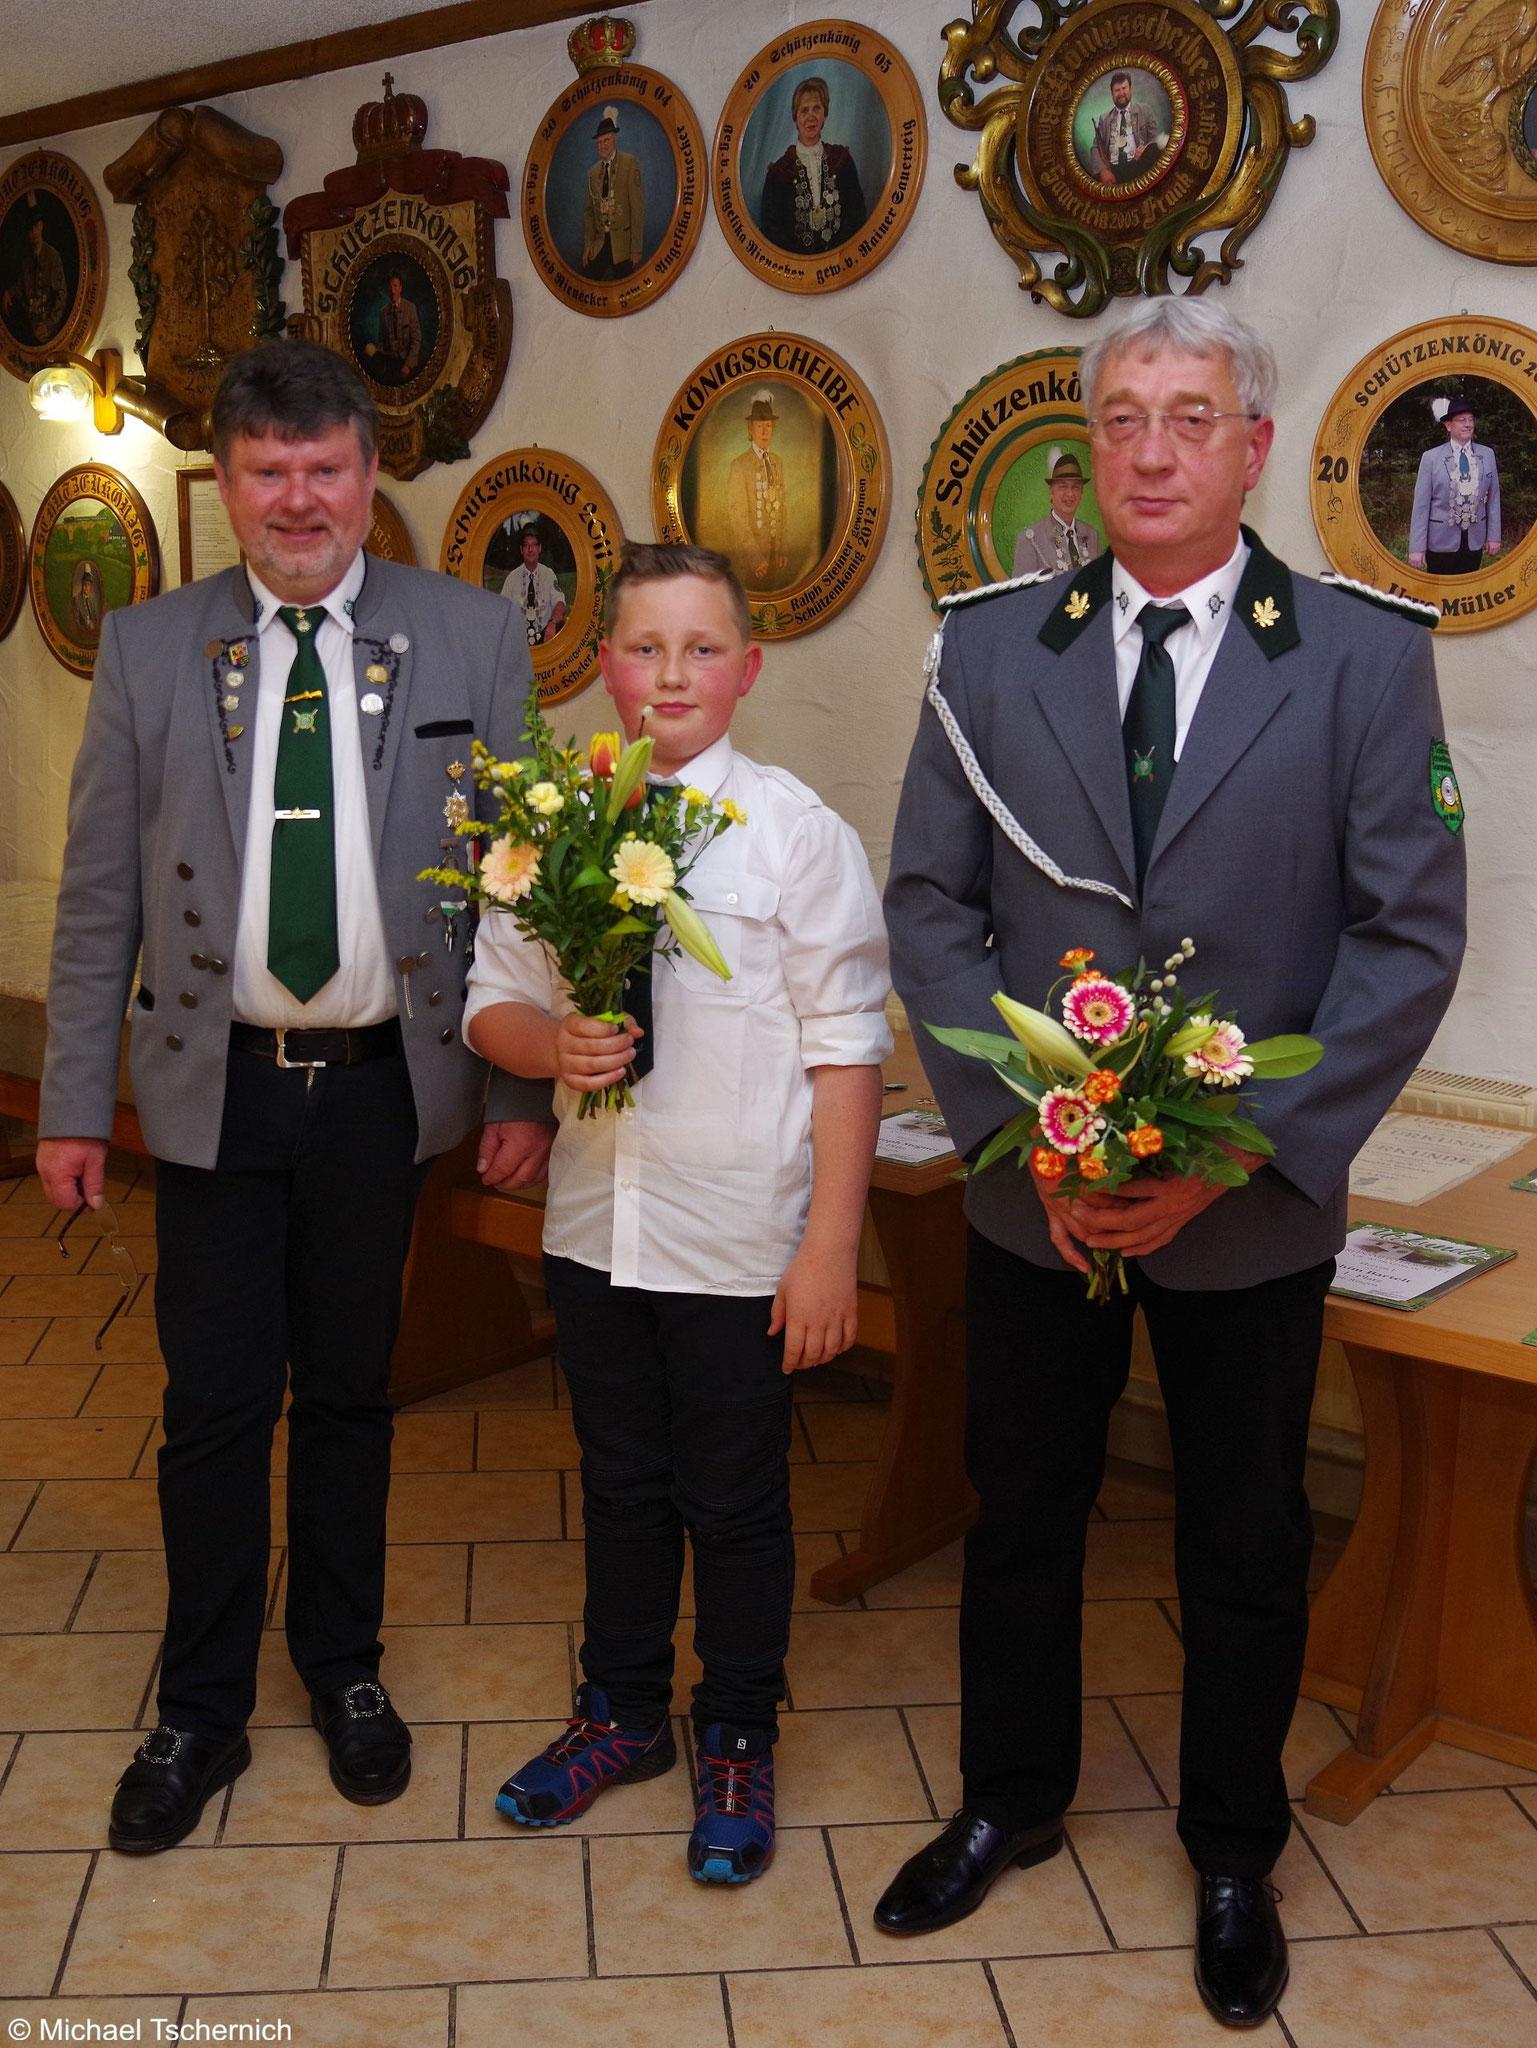 Ralf Stegner und Max Hermann Göhring mit unserem Vorstand Rainer Sauerteig